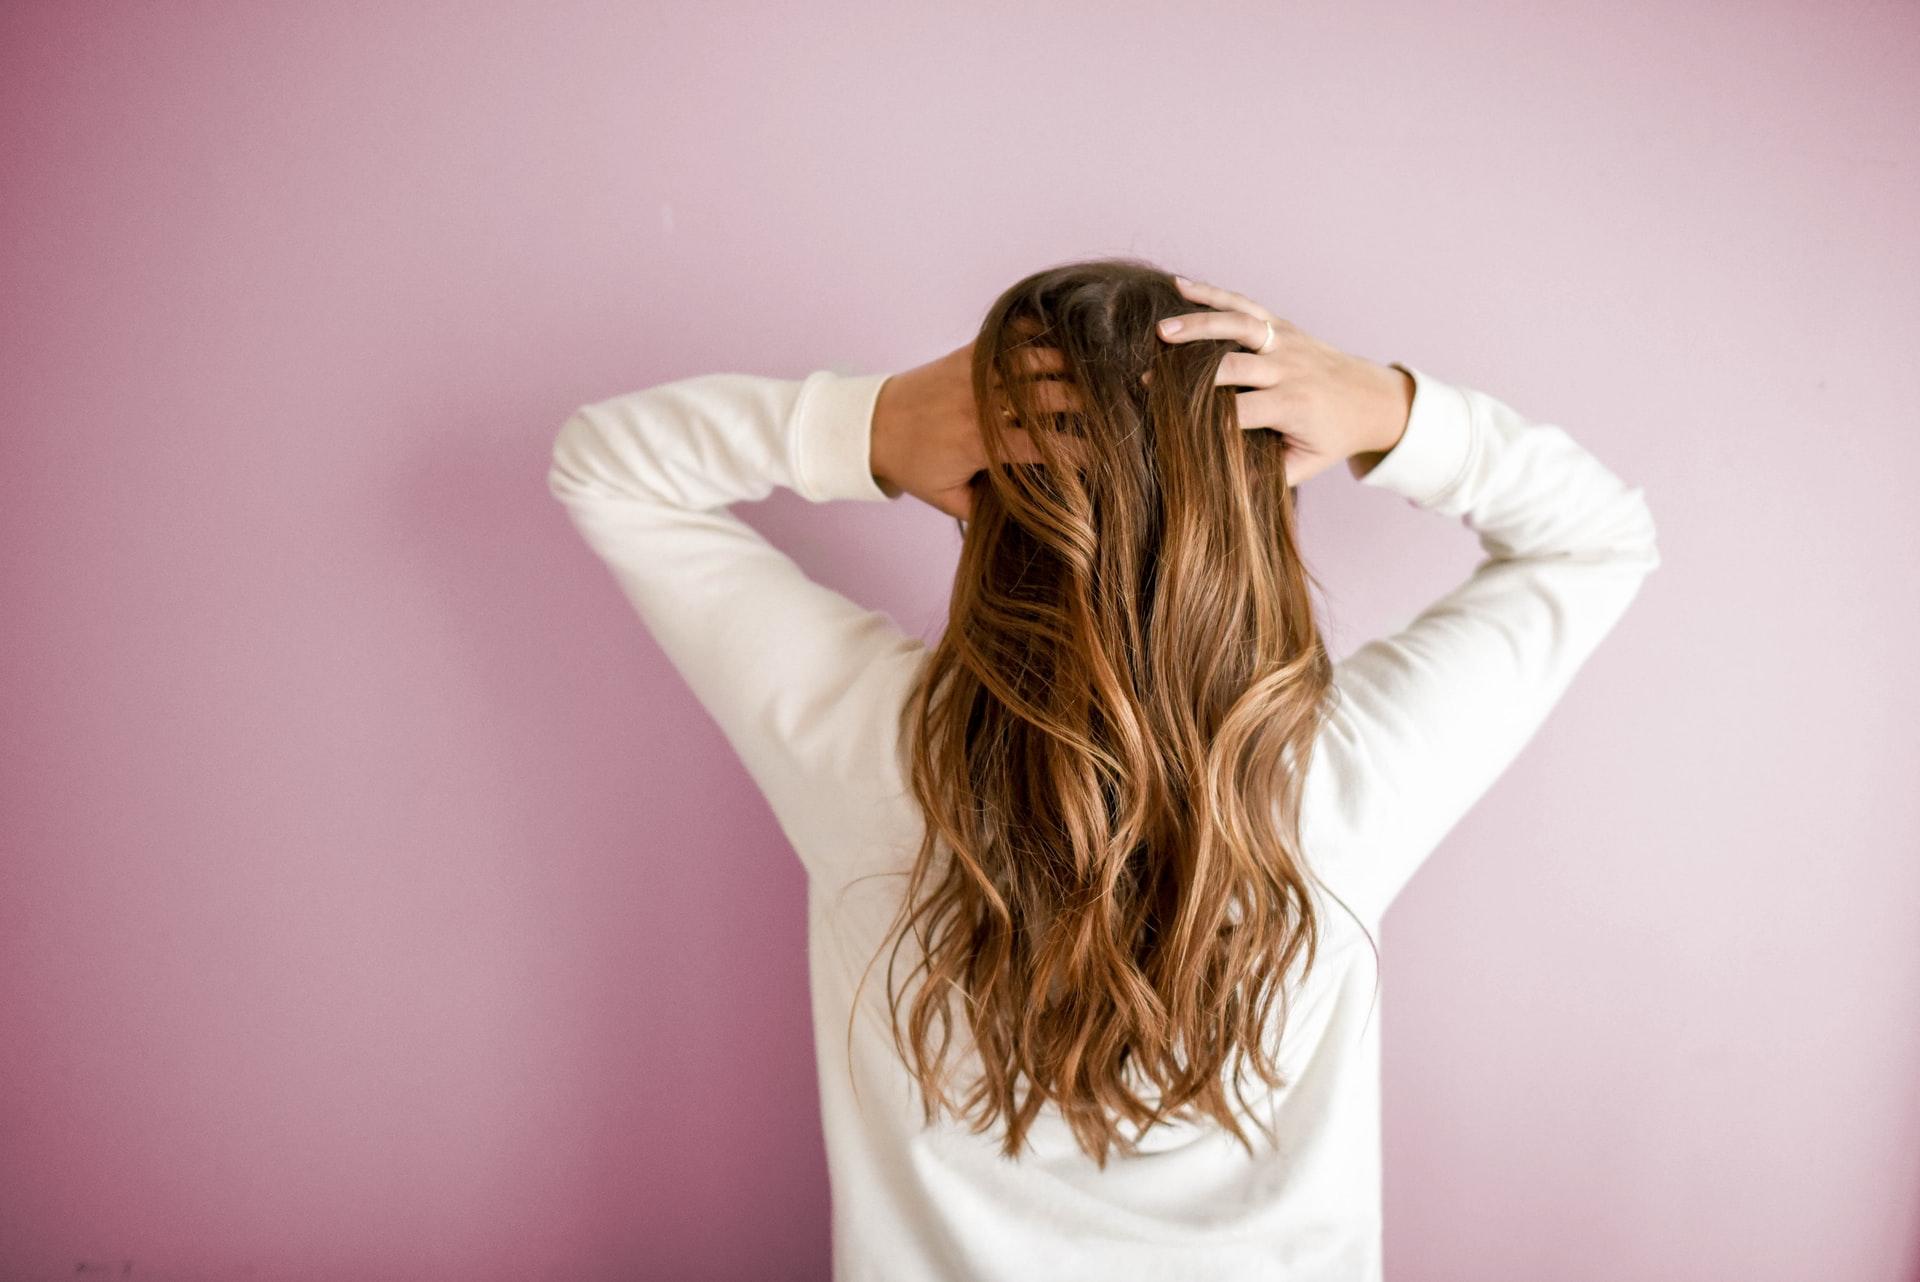 chica con cabello largo